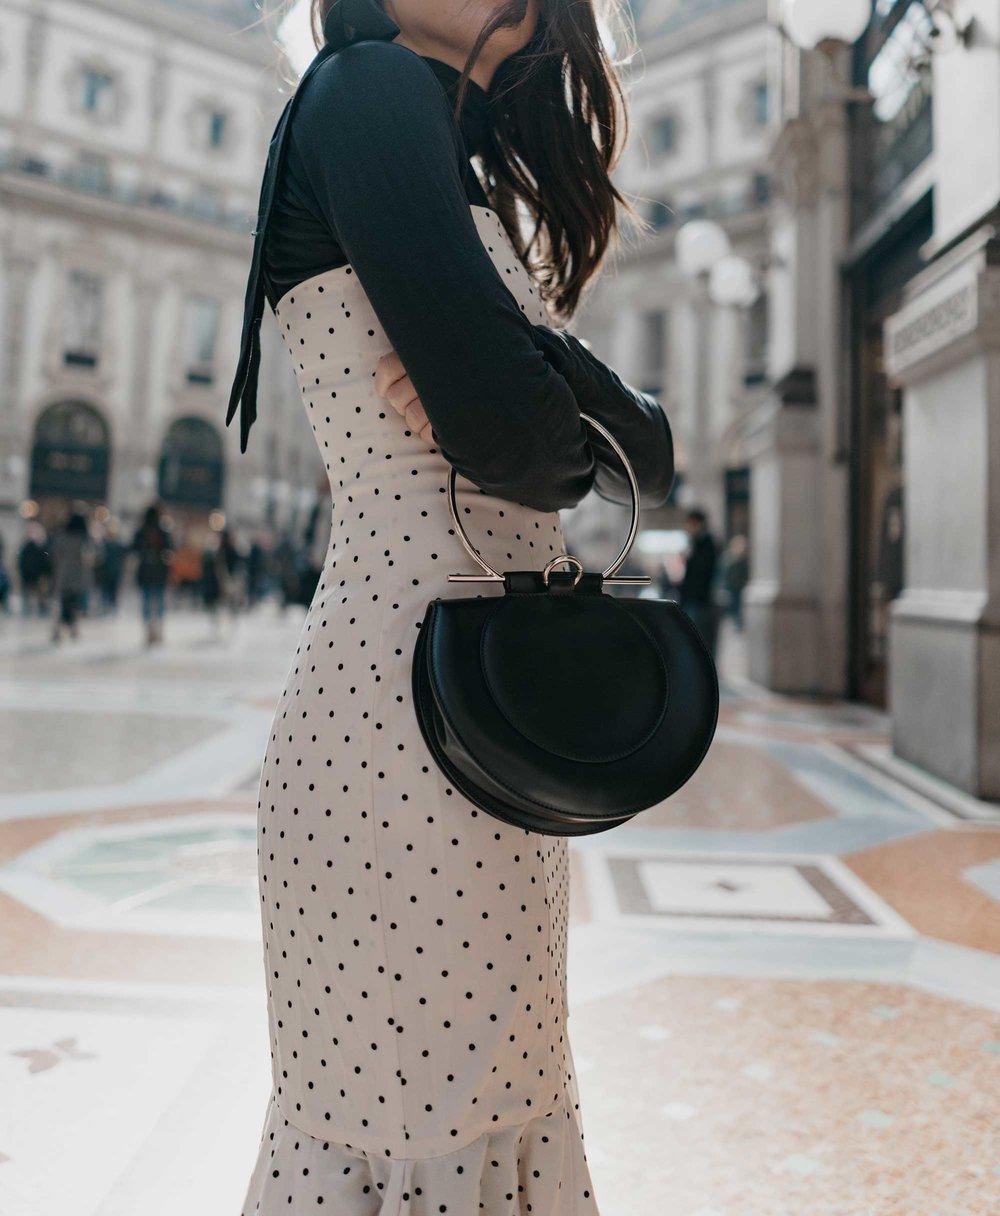 Revolve Mia Midi Polka Dot Dress in Ivory & Black Milan Outfit4.jpg